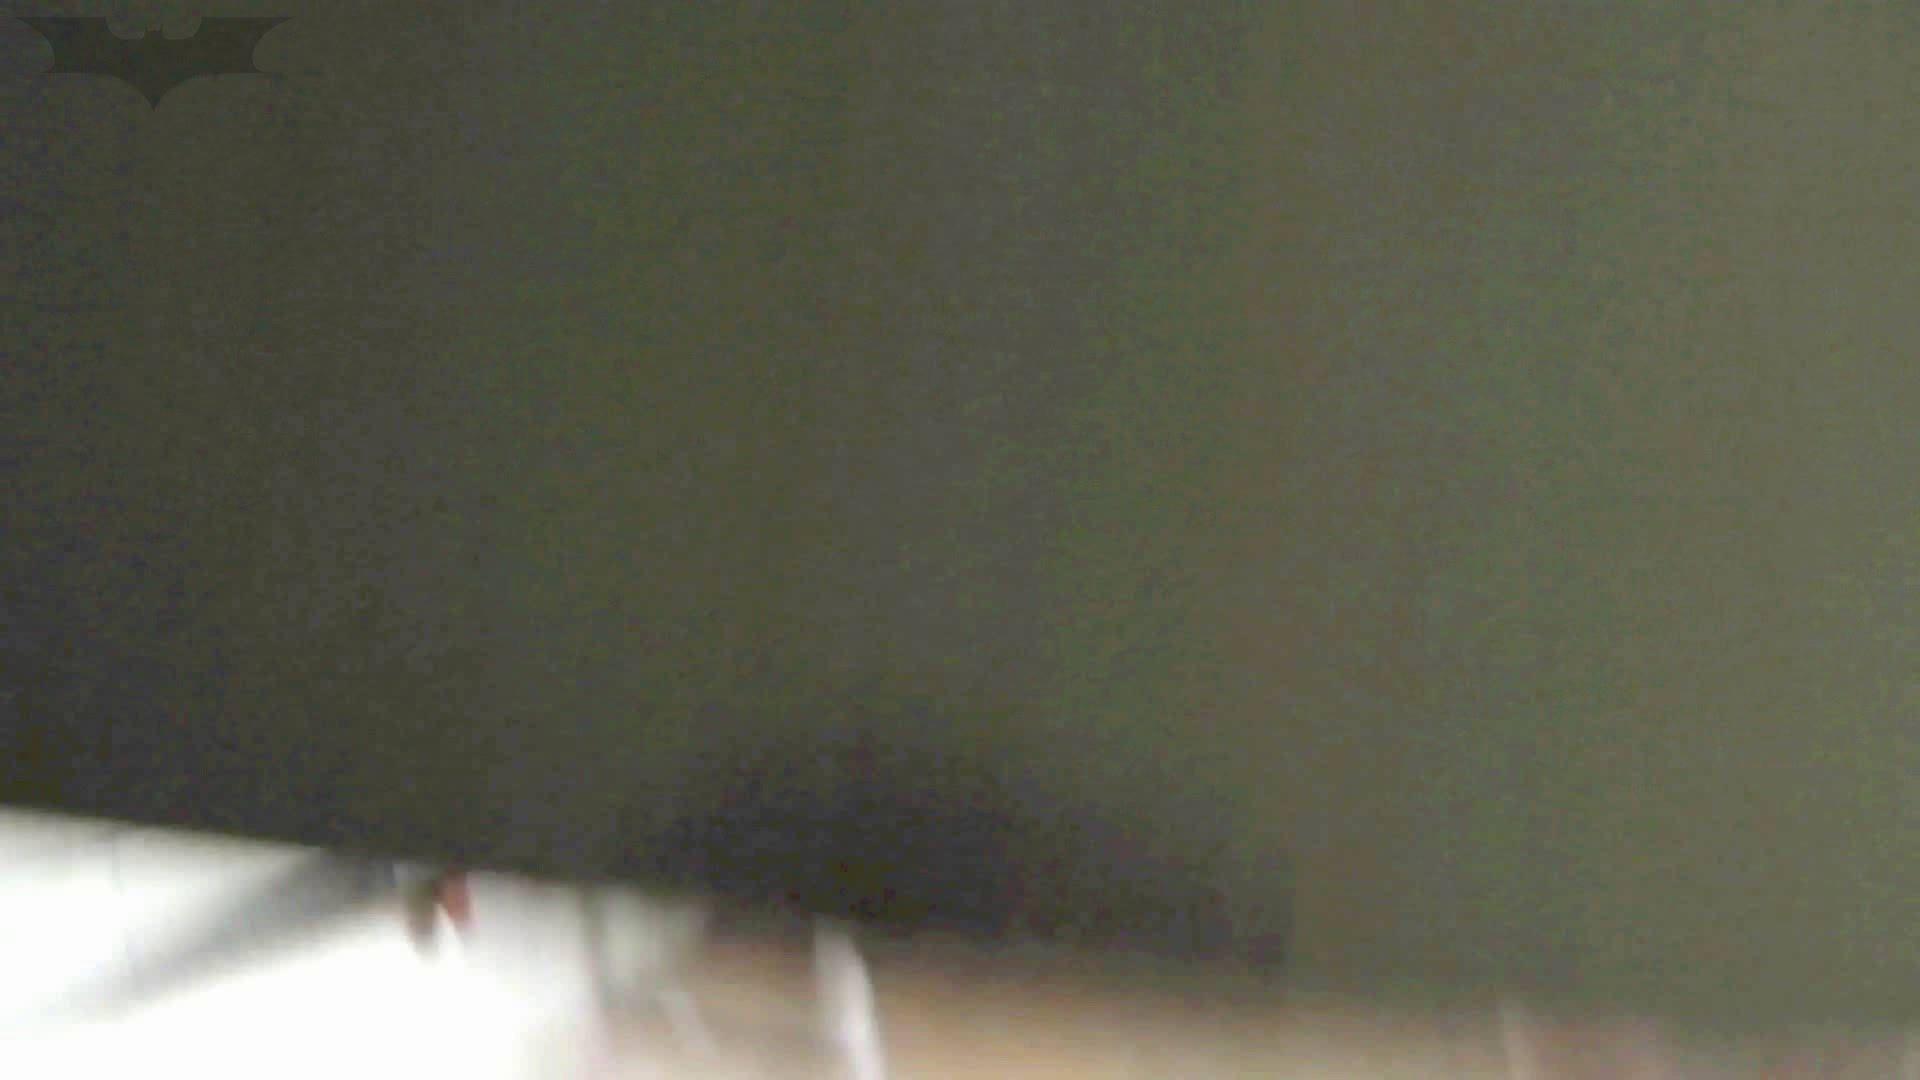 ステーション編 vol.28 無料動画に登場したモデルつい本番登場!! 丸見え おめこ無修正画像 99枚 51